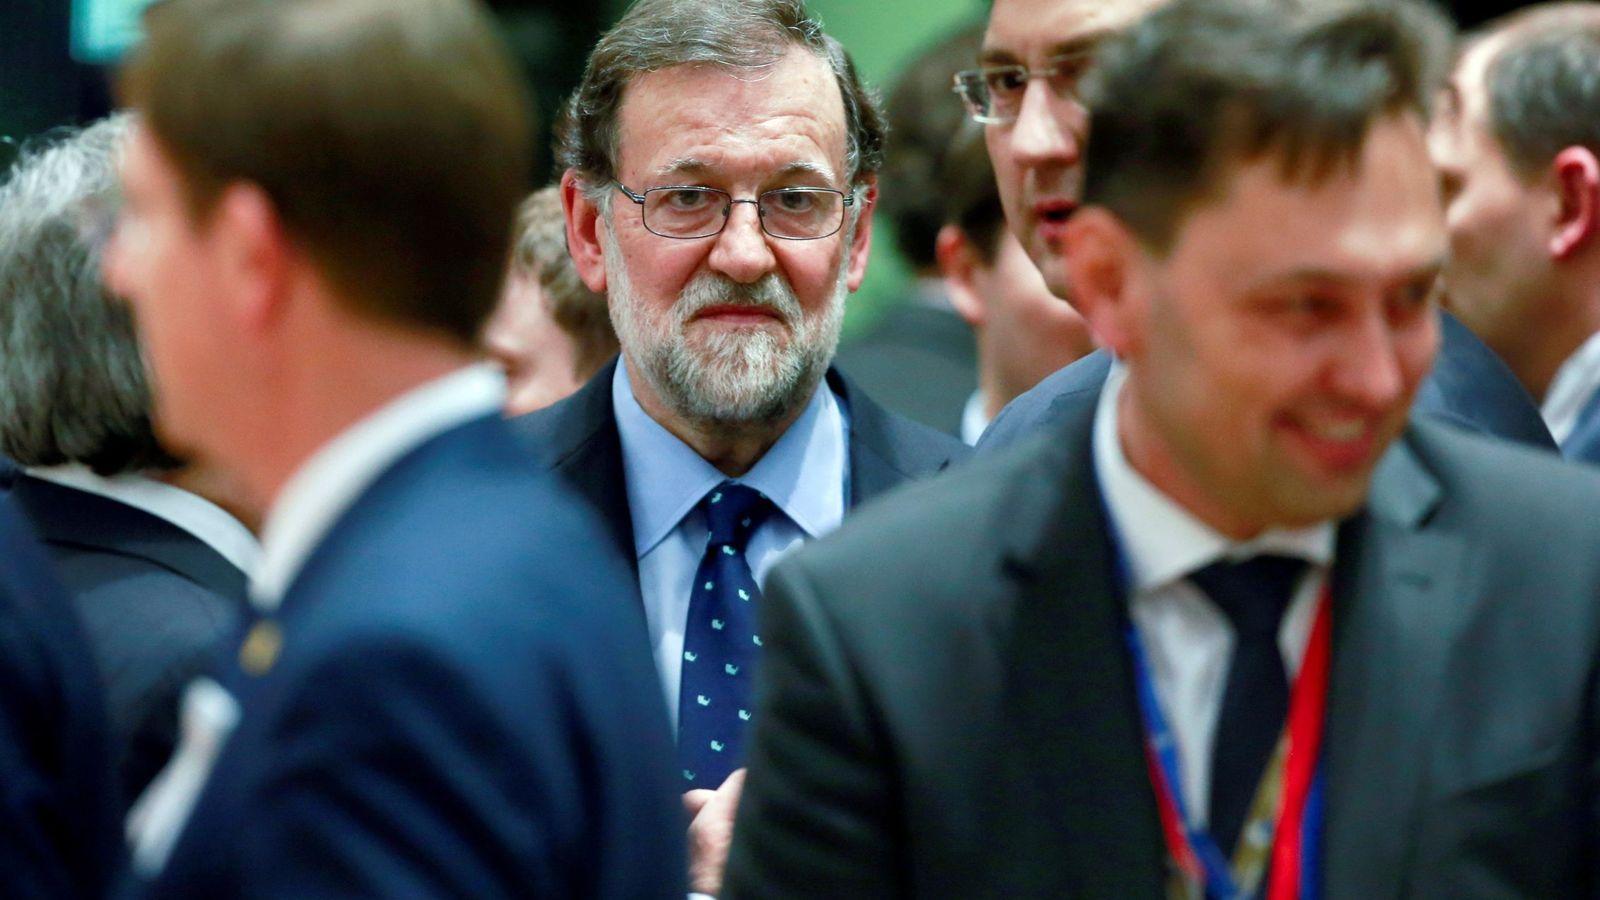 Foto: El presidente Mariano Rajoy, antes del inicio de la cumbre de líderes de la UE en Bruselas, en marzo de 2018. (EFE)